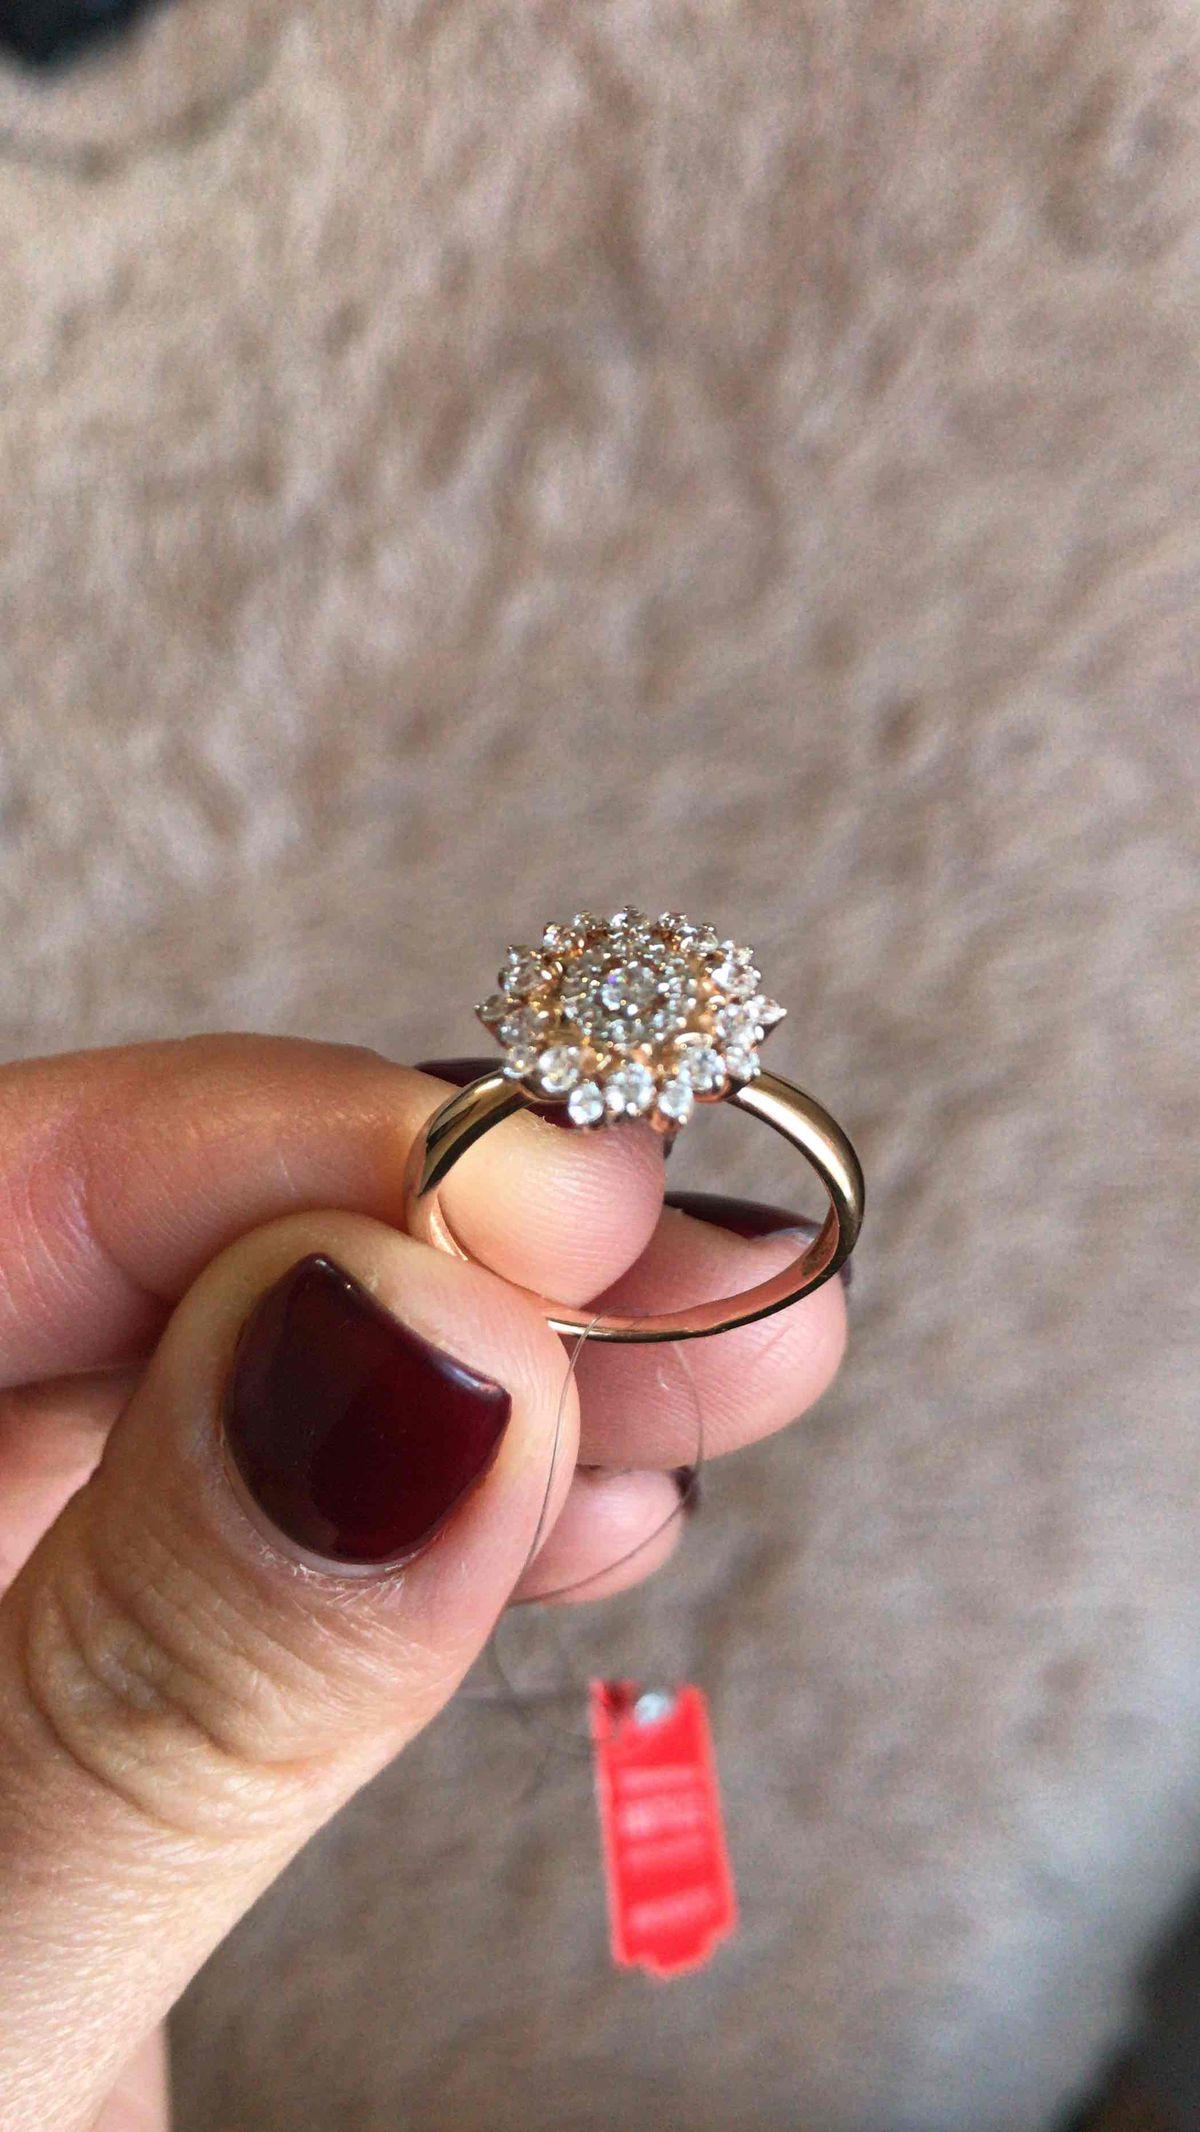 Кольцо понравилось с первого взгляда.